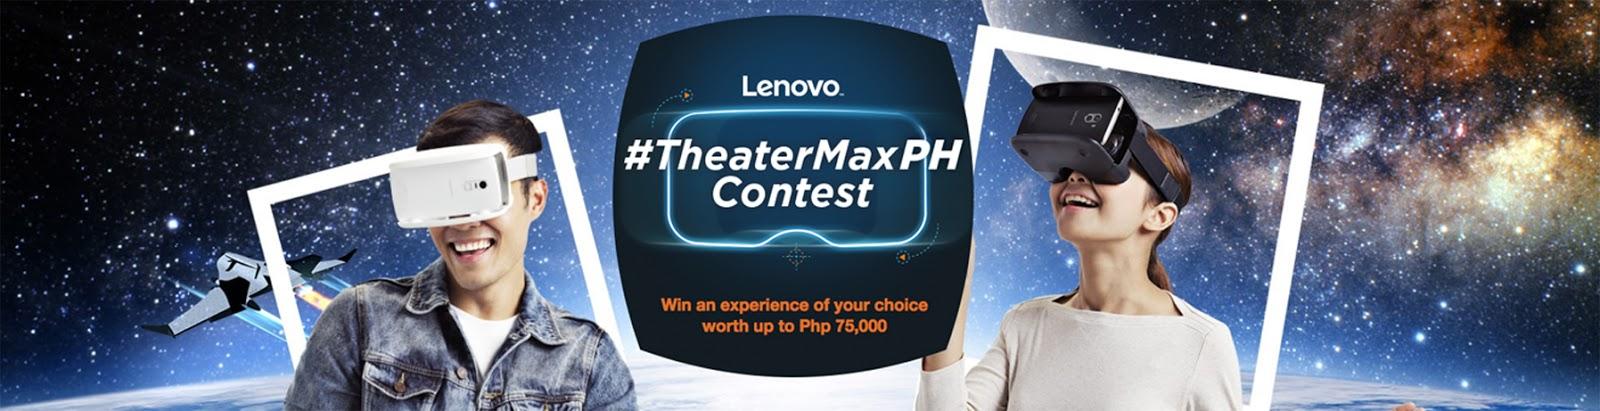 Lenovo TheaterMaxPH Online Contest